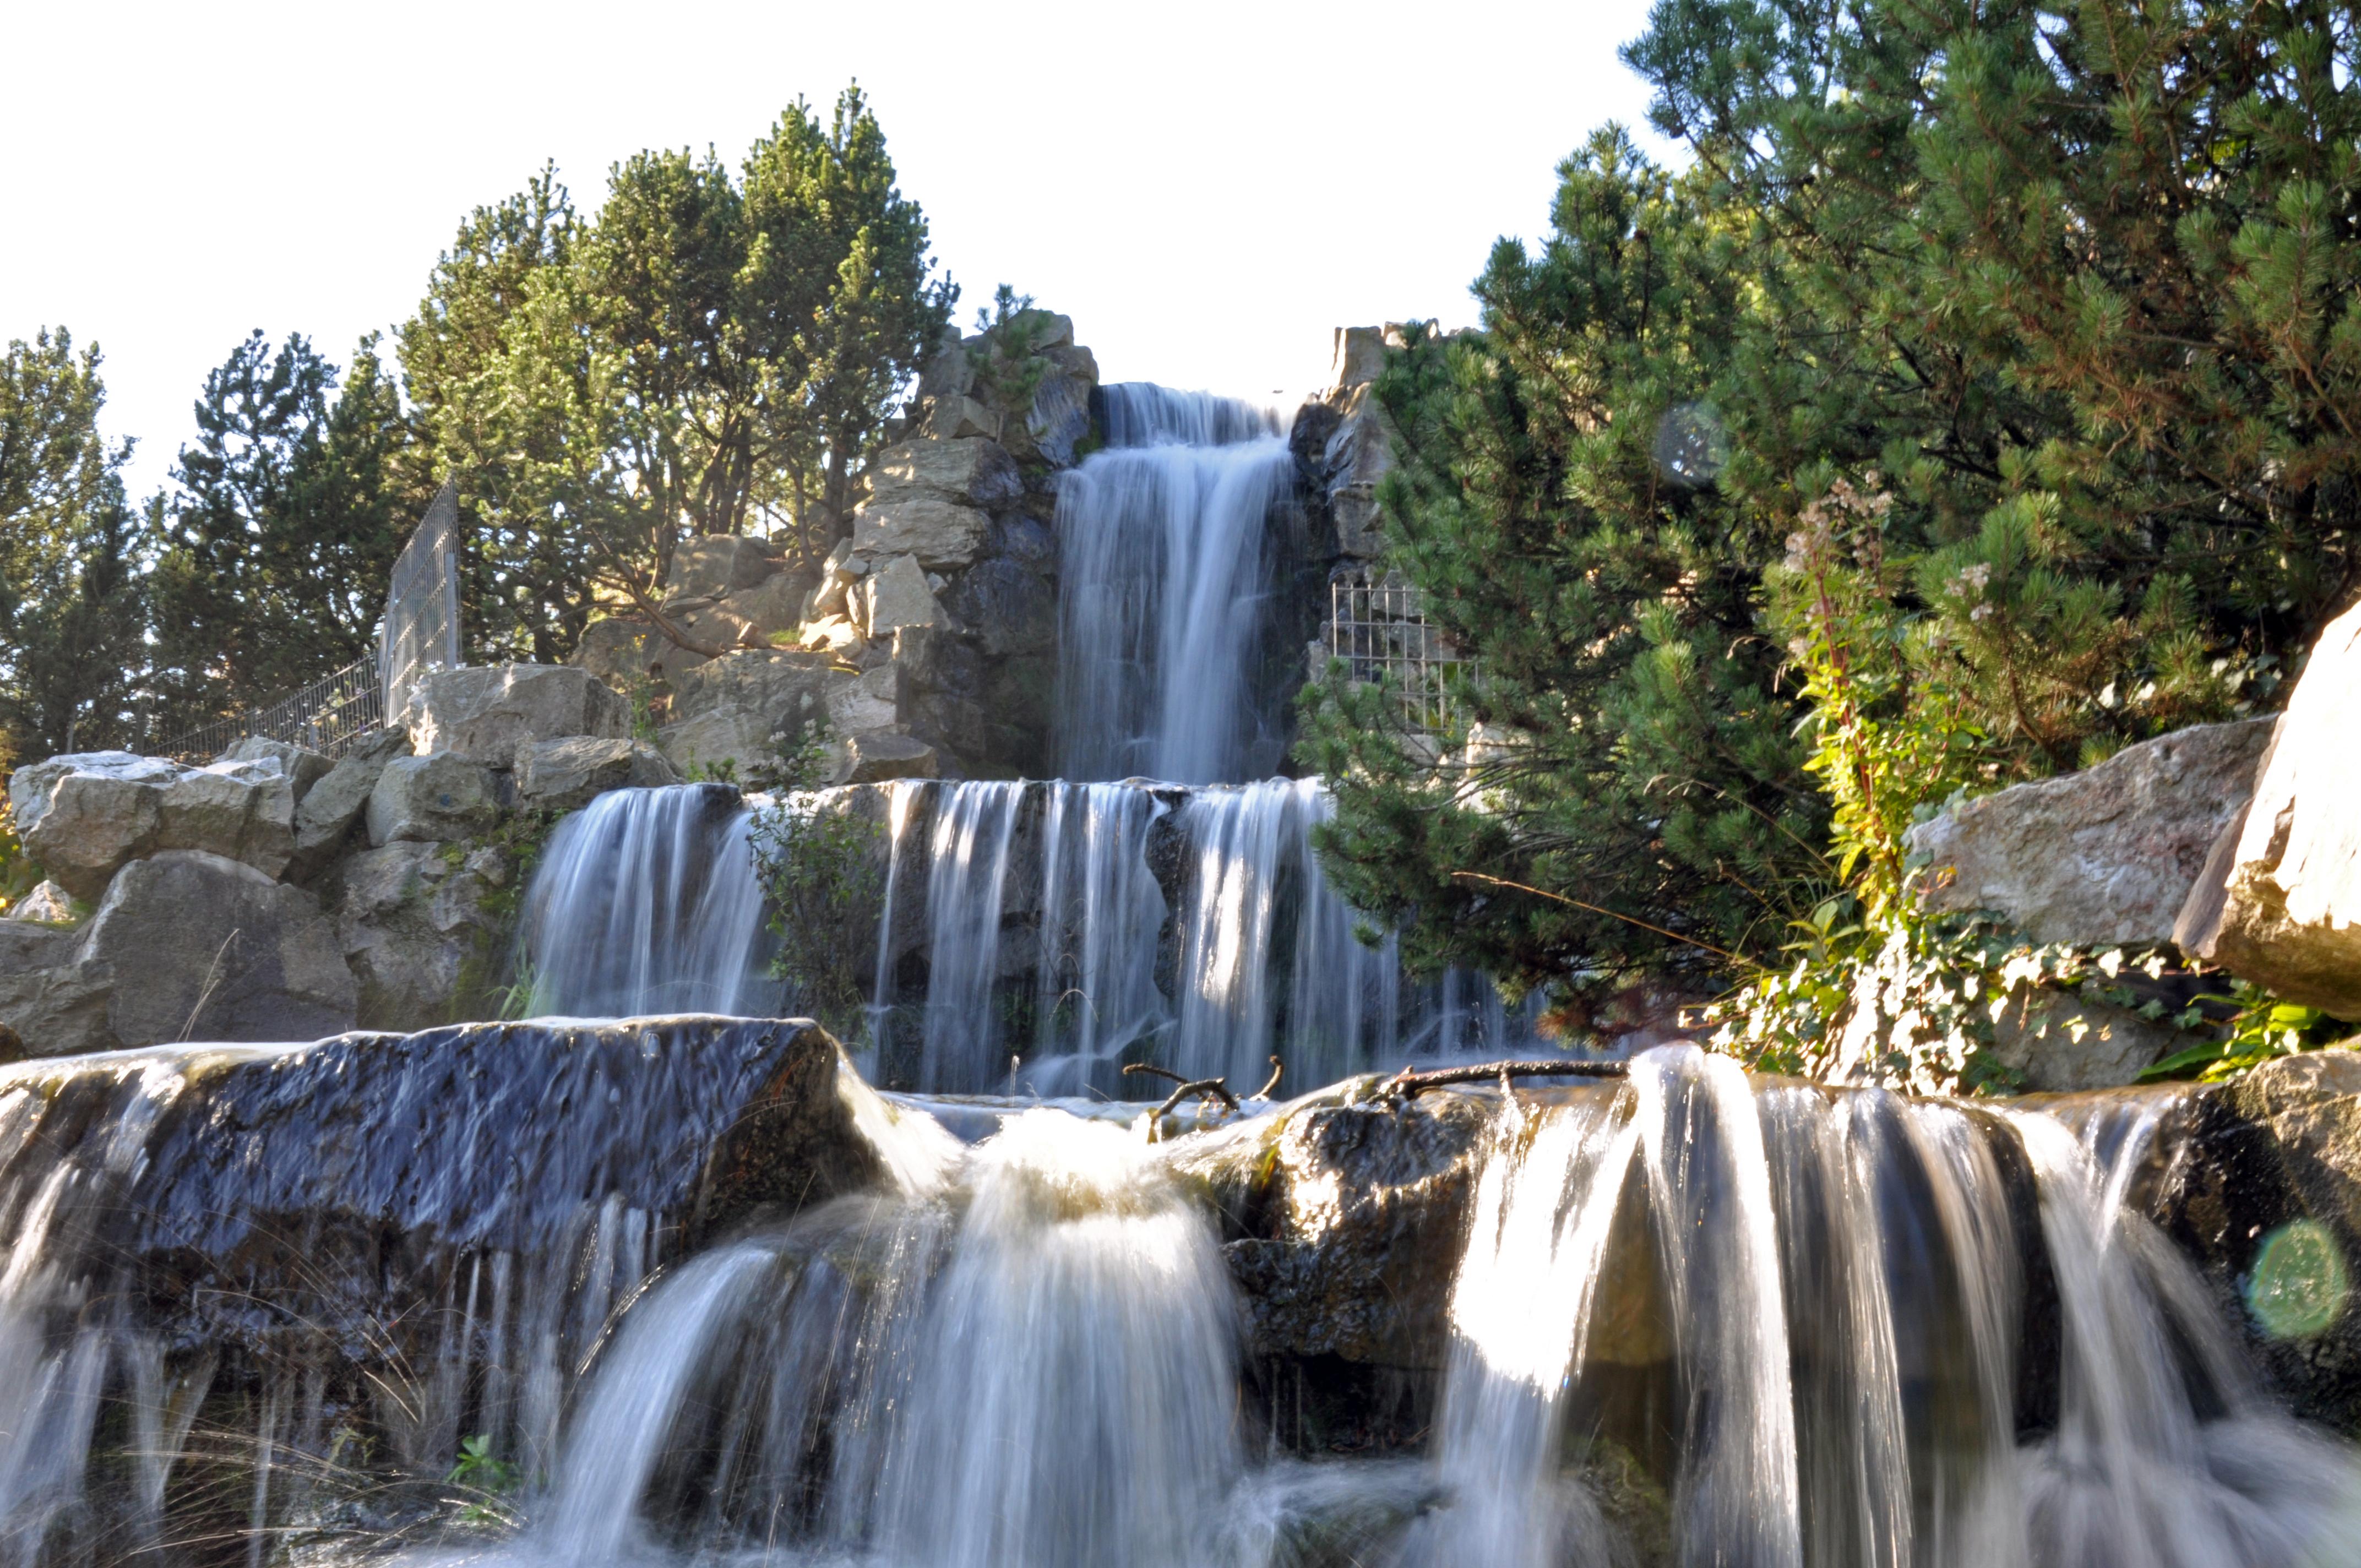 Wasserfallähnlich gestaltete Brunnenanlage (Grugapark, Essen)